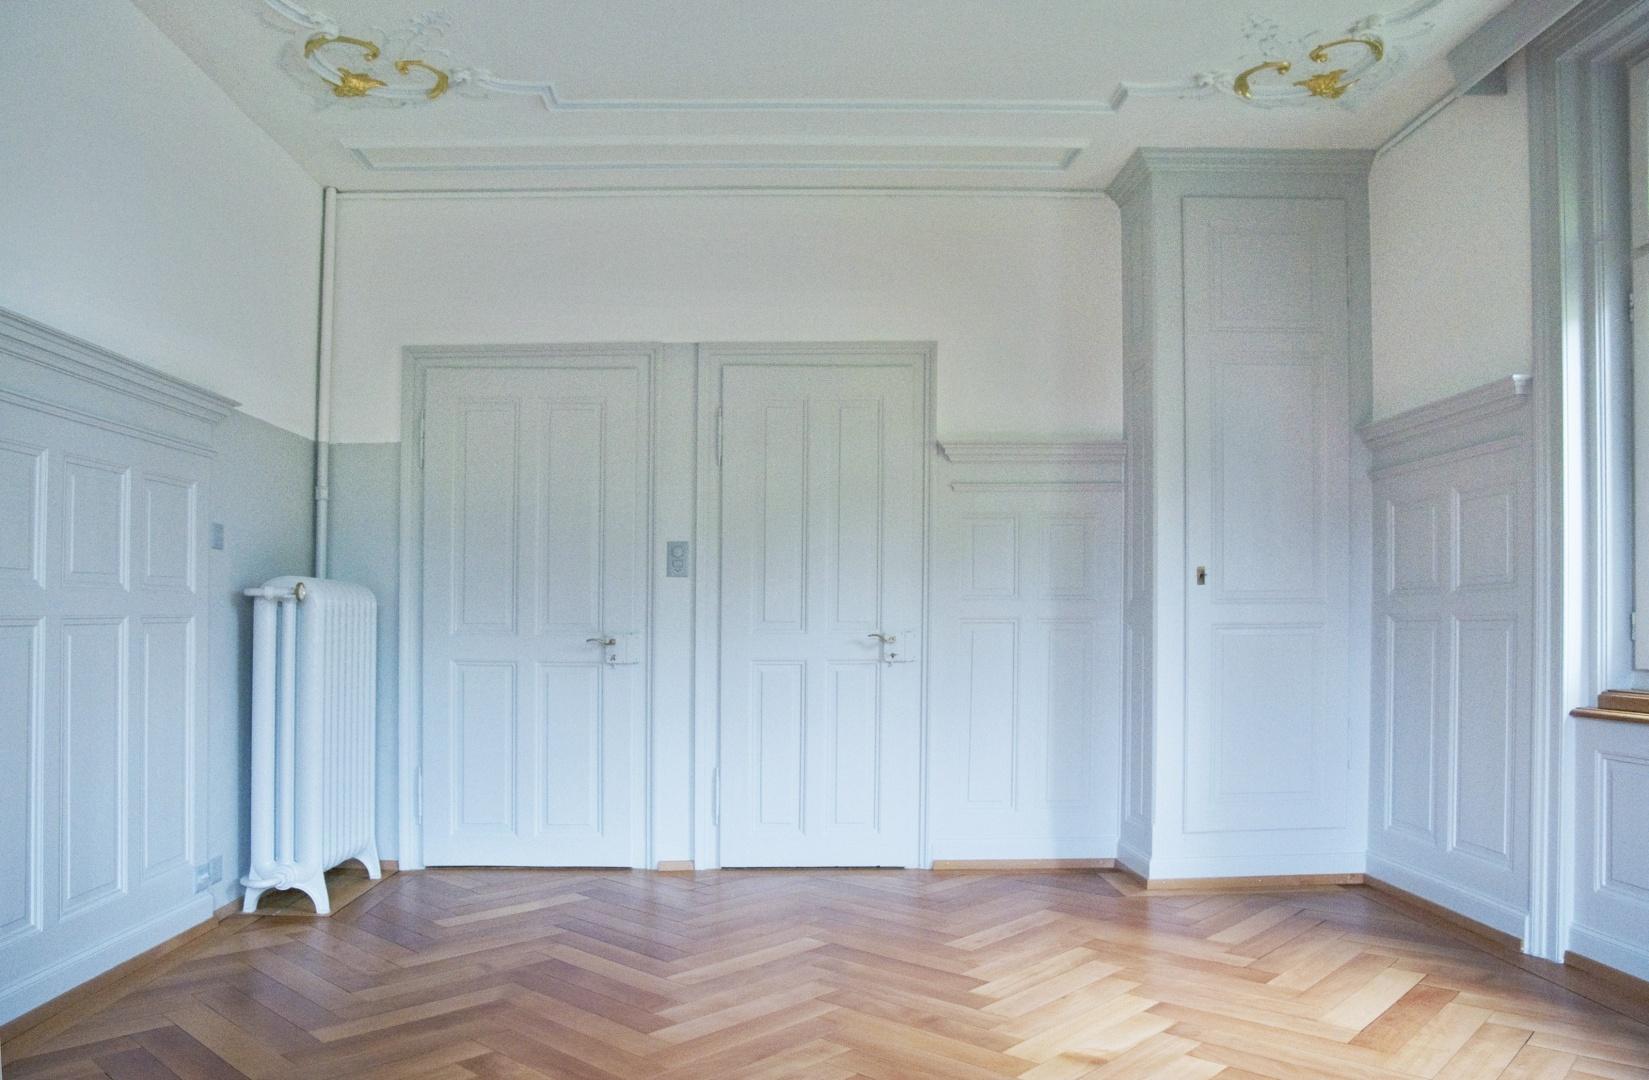 Wohnzimmer EG / OG © eob.ch / Art Design Architektur